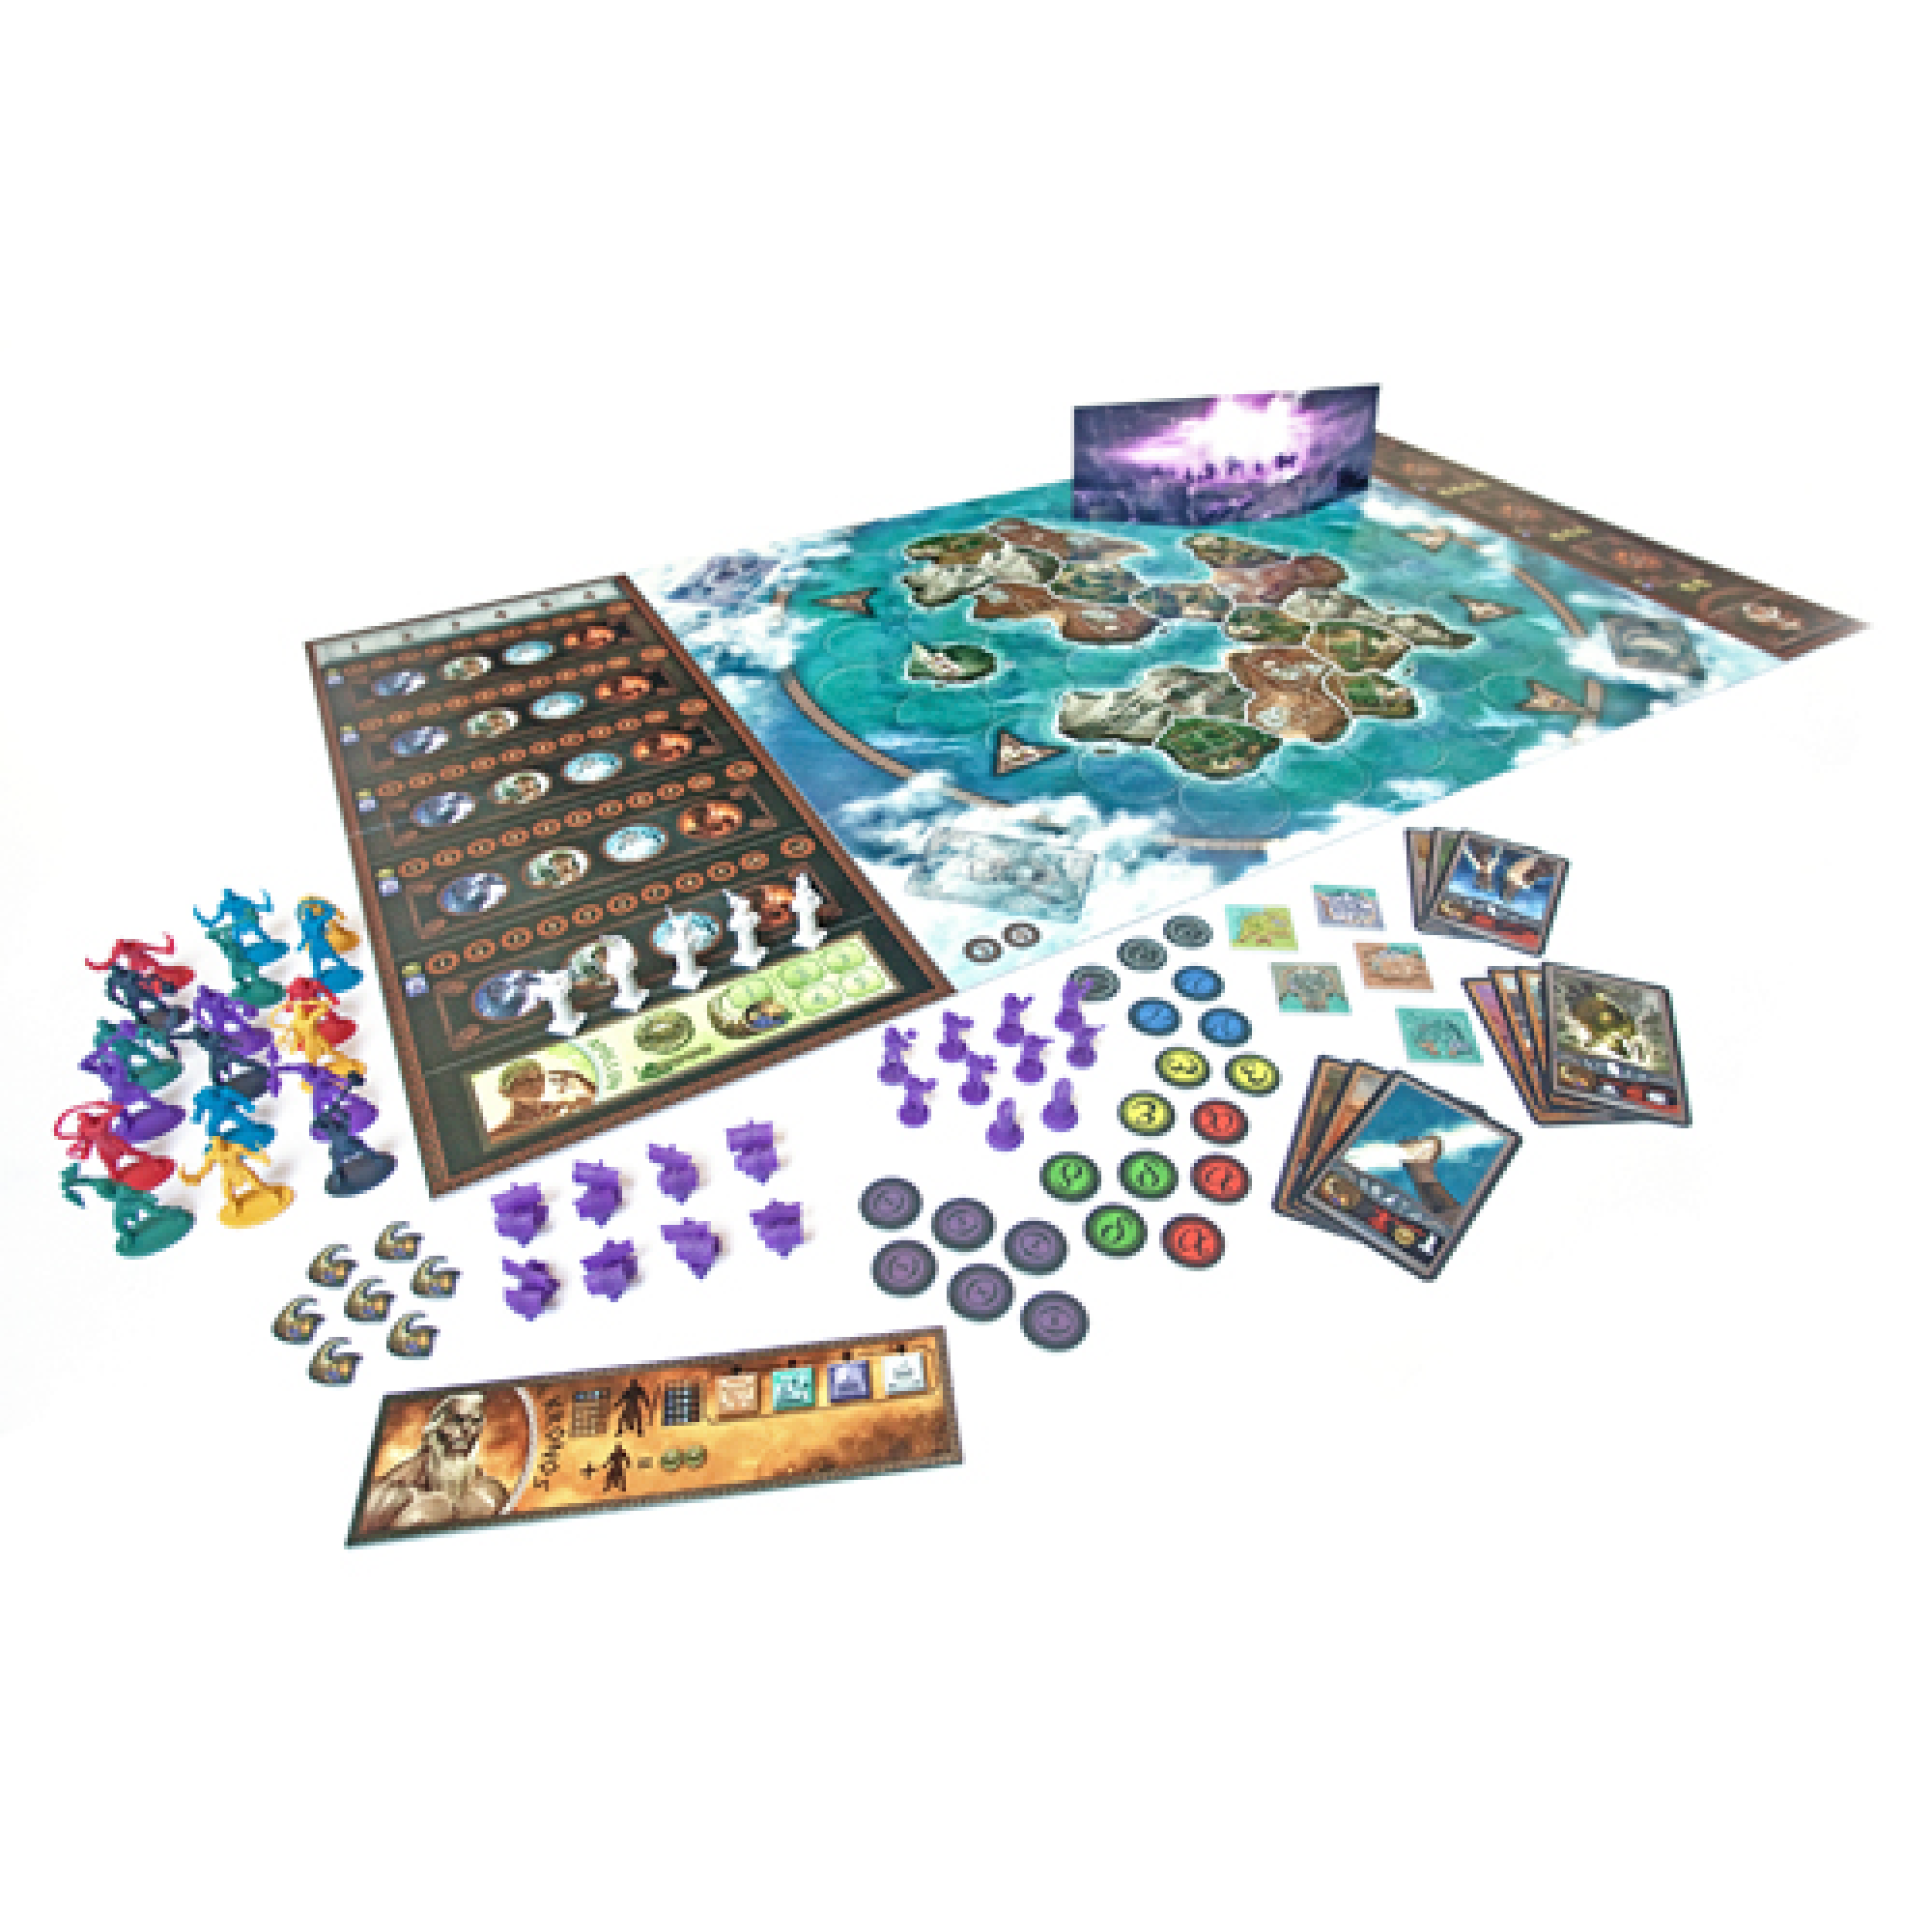 Matagot Cyclades: Titans